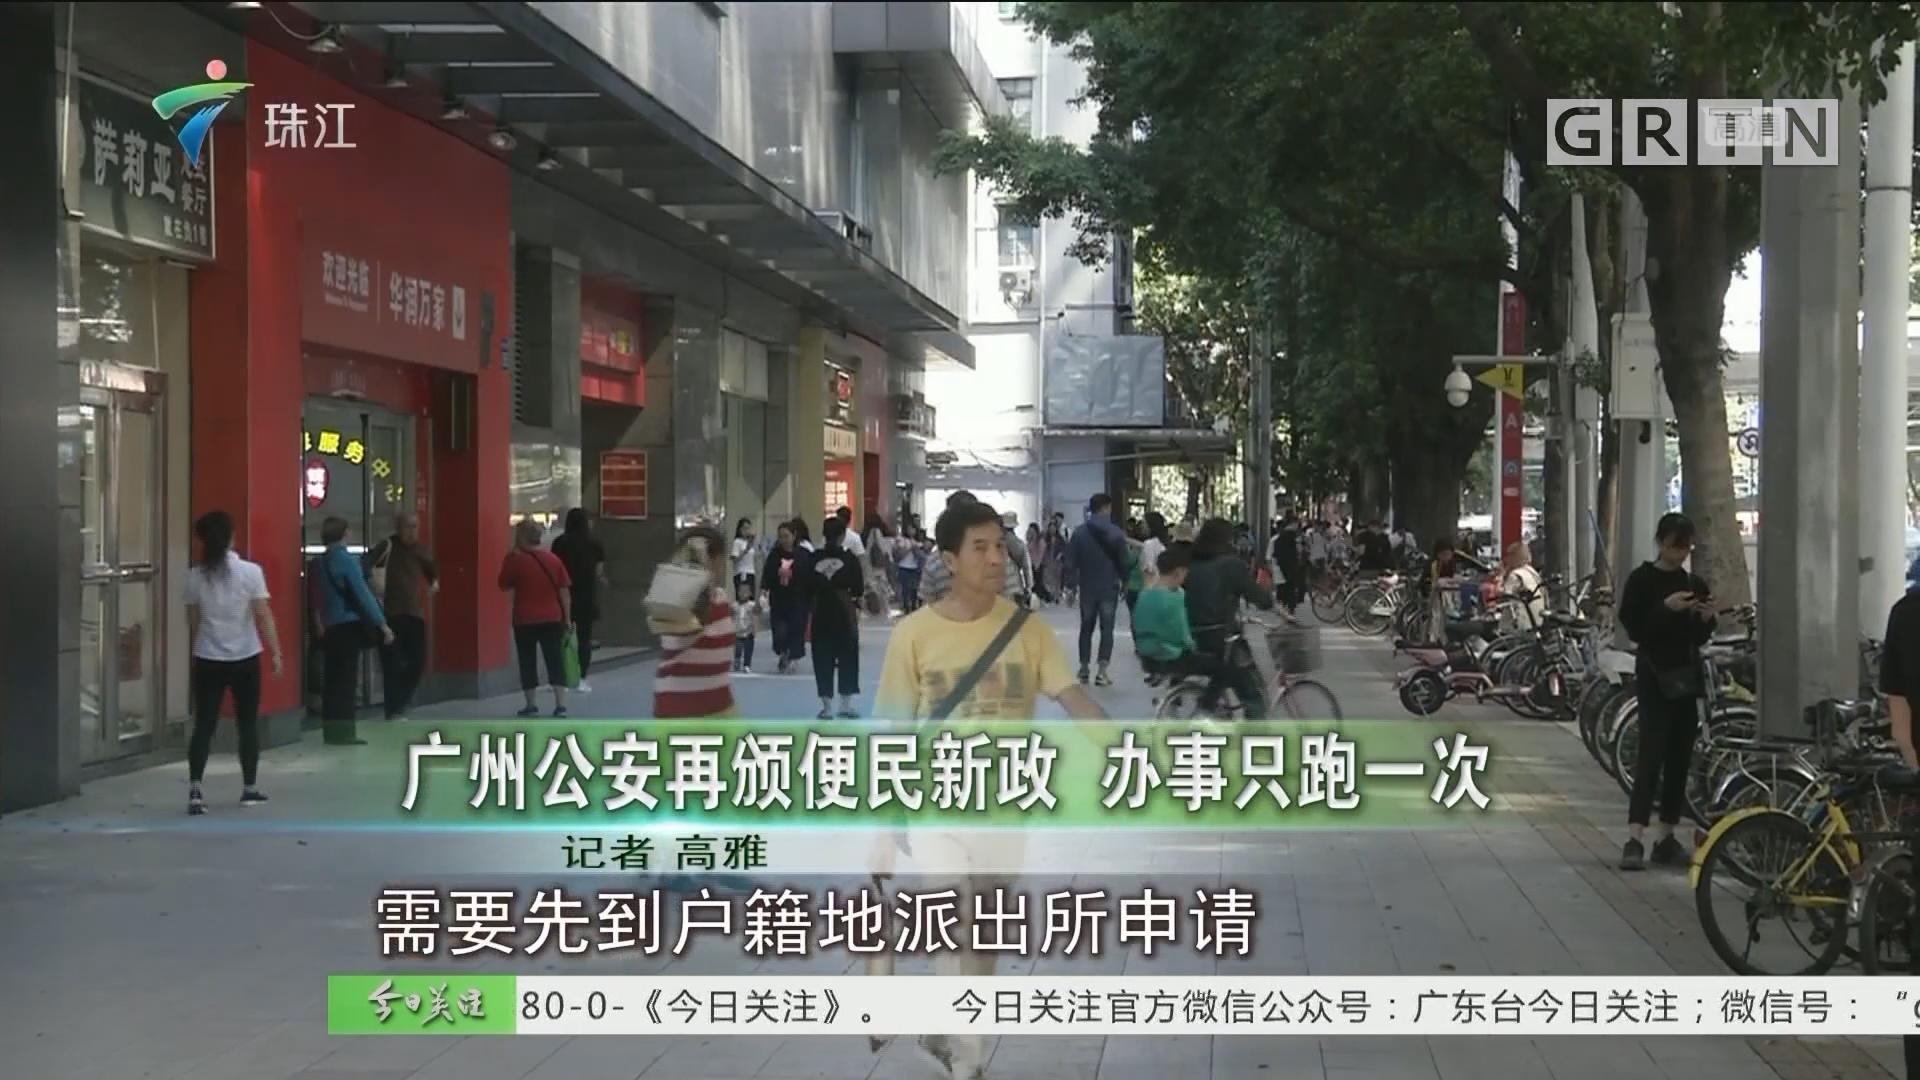 广州公安再颁便民新政 办事只跑一次